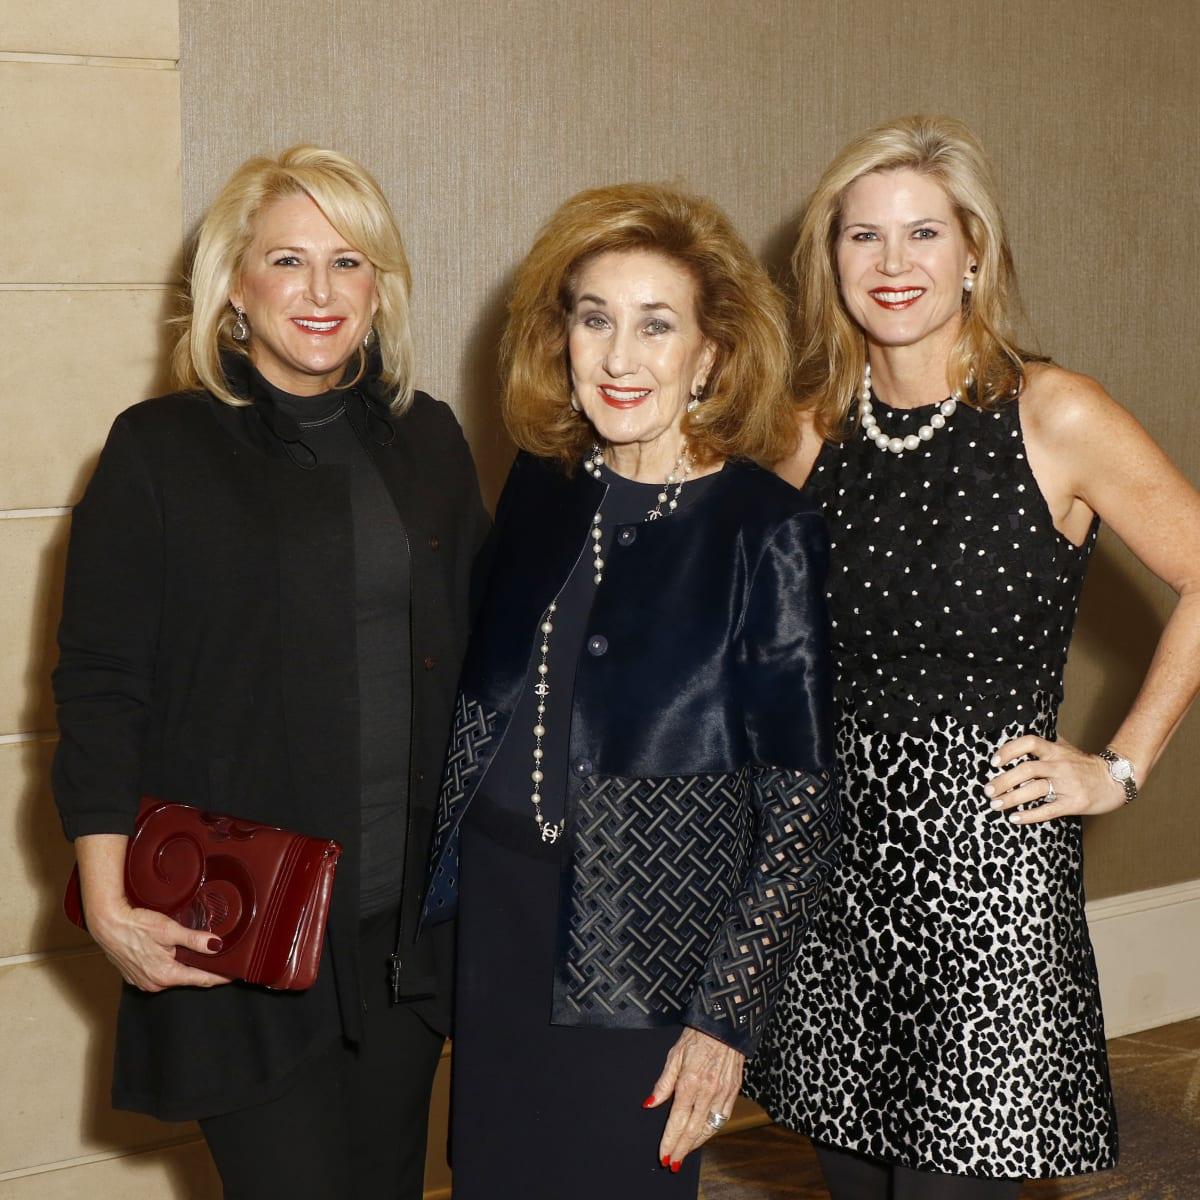 Kim Jacobs Calloway, Doris Jacobs, Teffy Jacobs